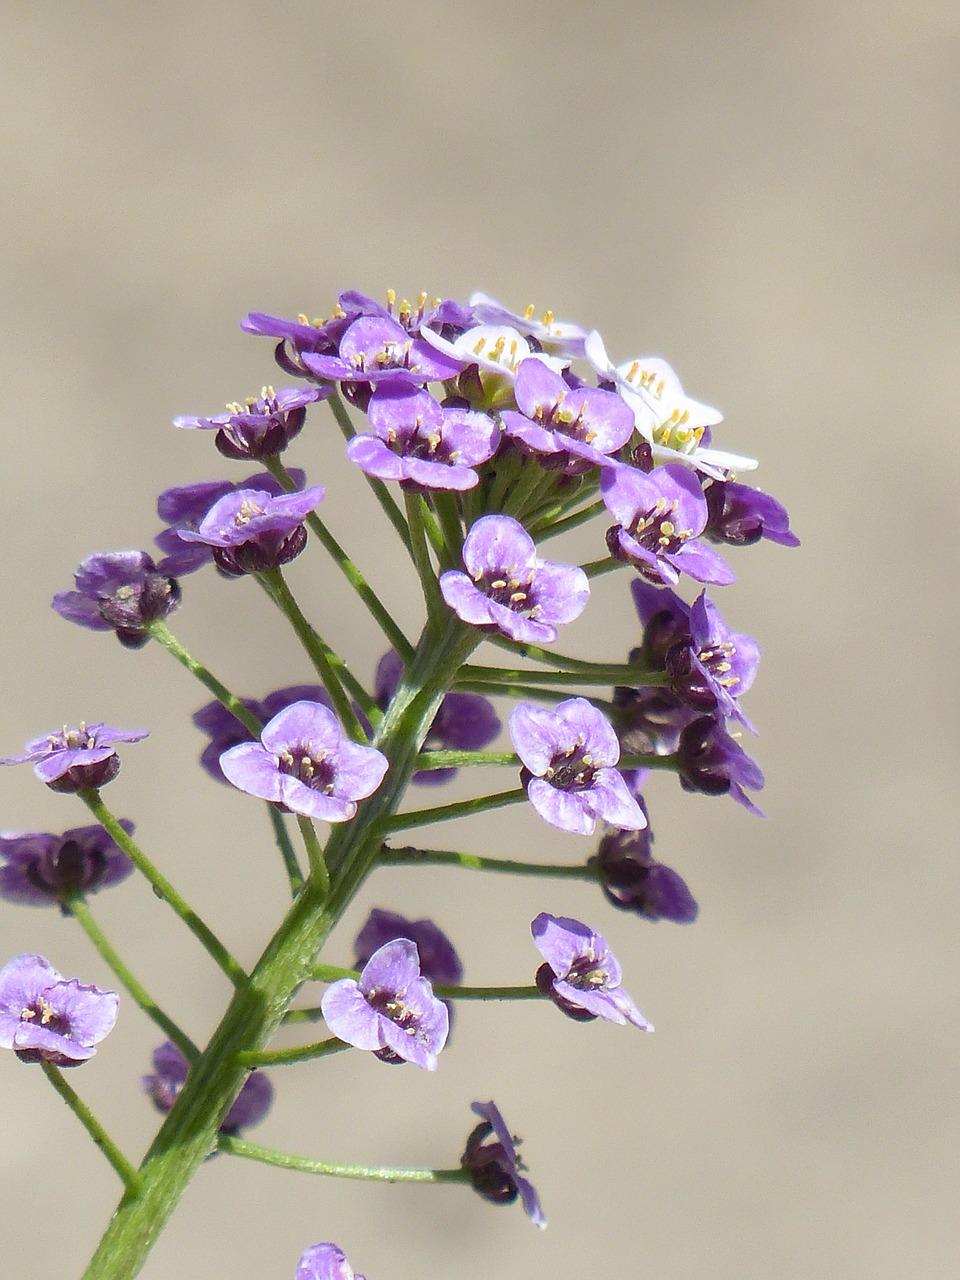 арабис фото цветов